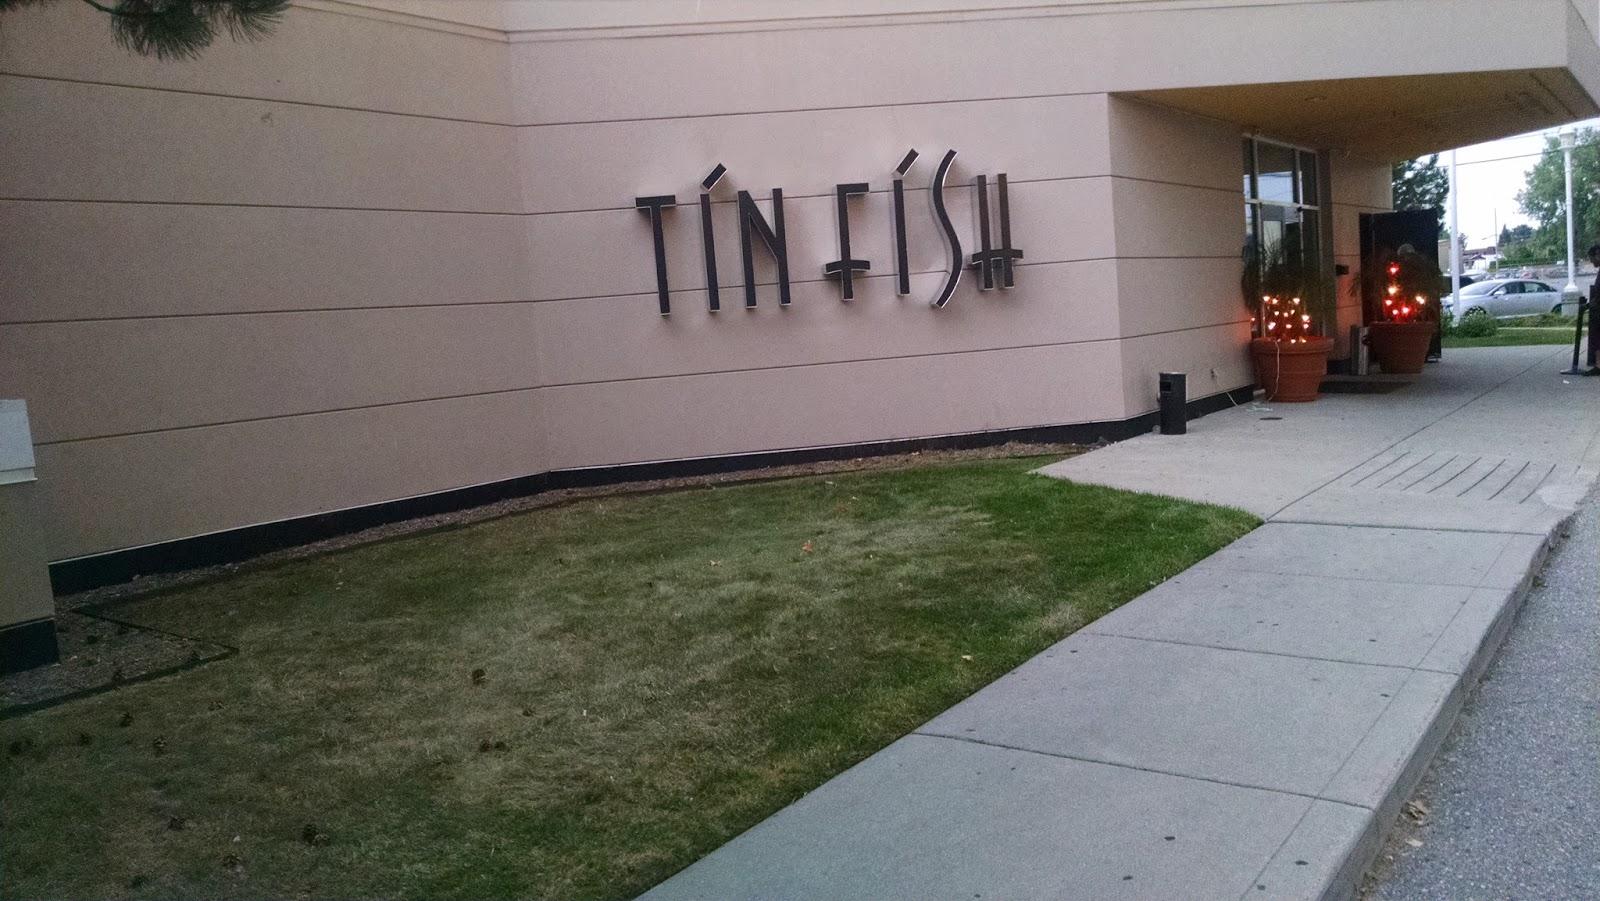 Tin Fish Restaurant in St. Clair Shores, MI